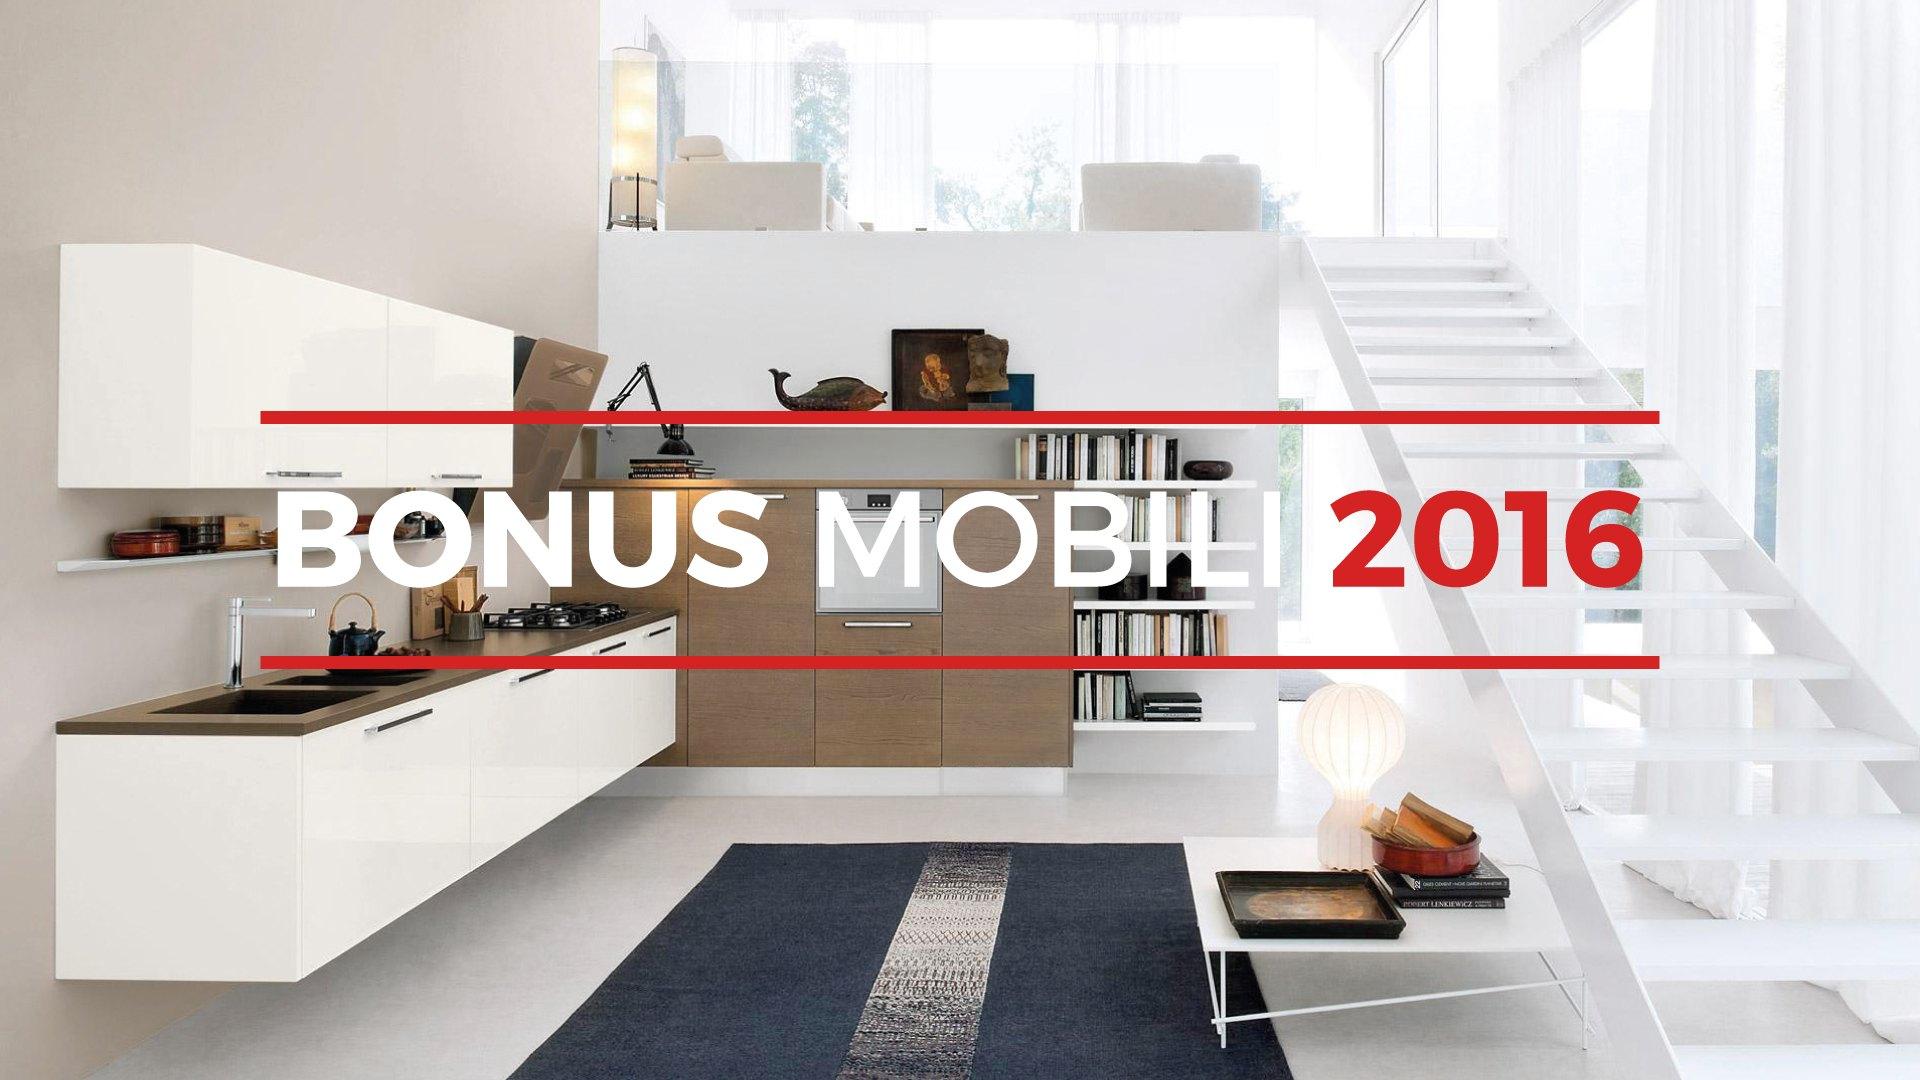 Bonus mobili 2016 lube store milano le cucine lube for Lube store milano